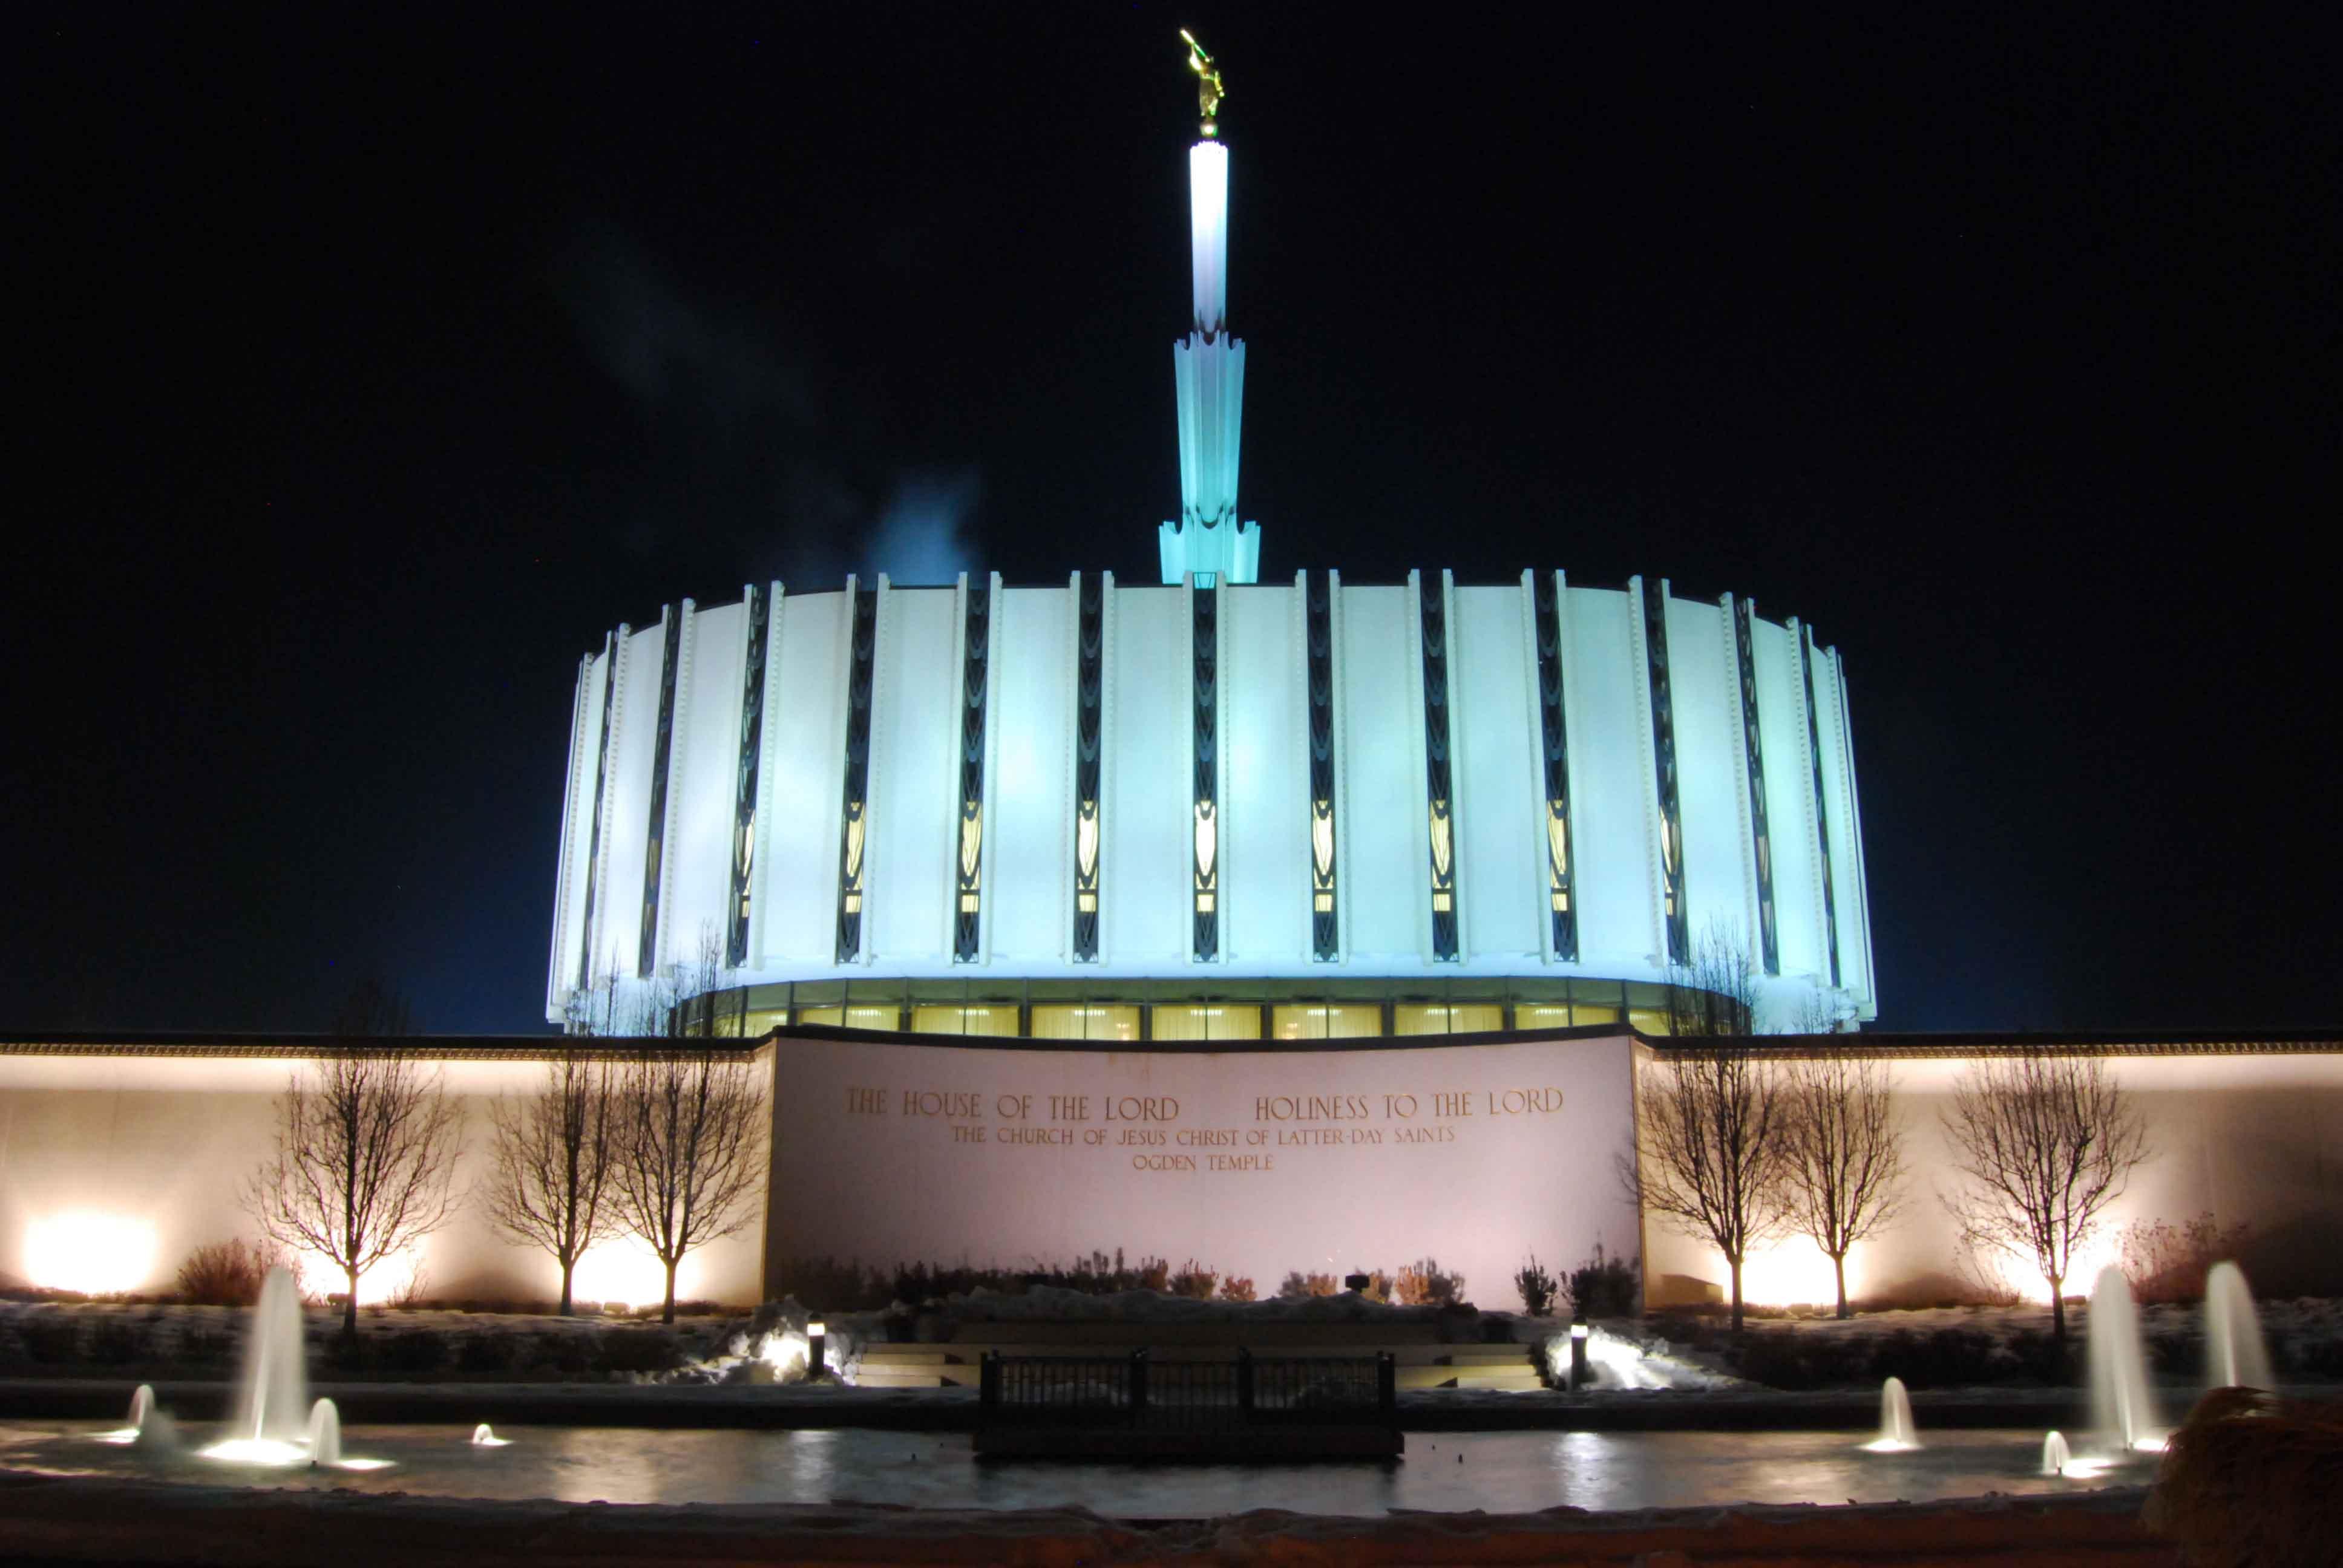 fam-org-reunions-slide-12-ogden-temple